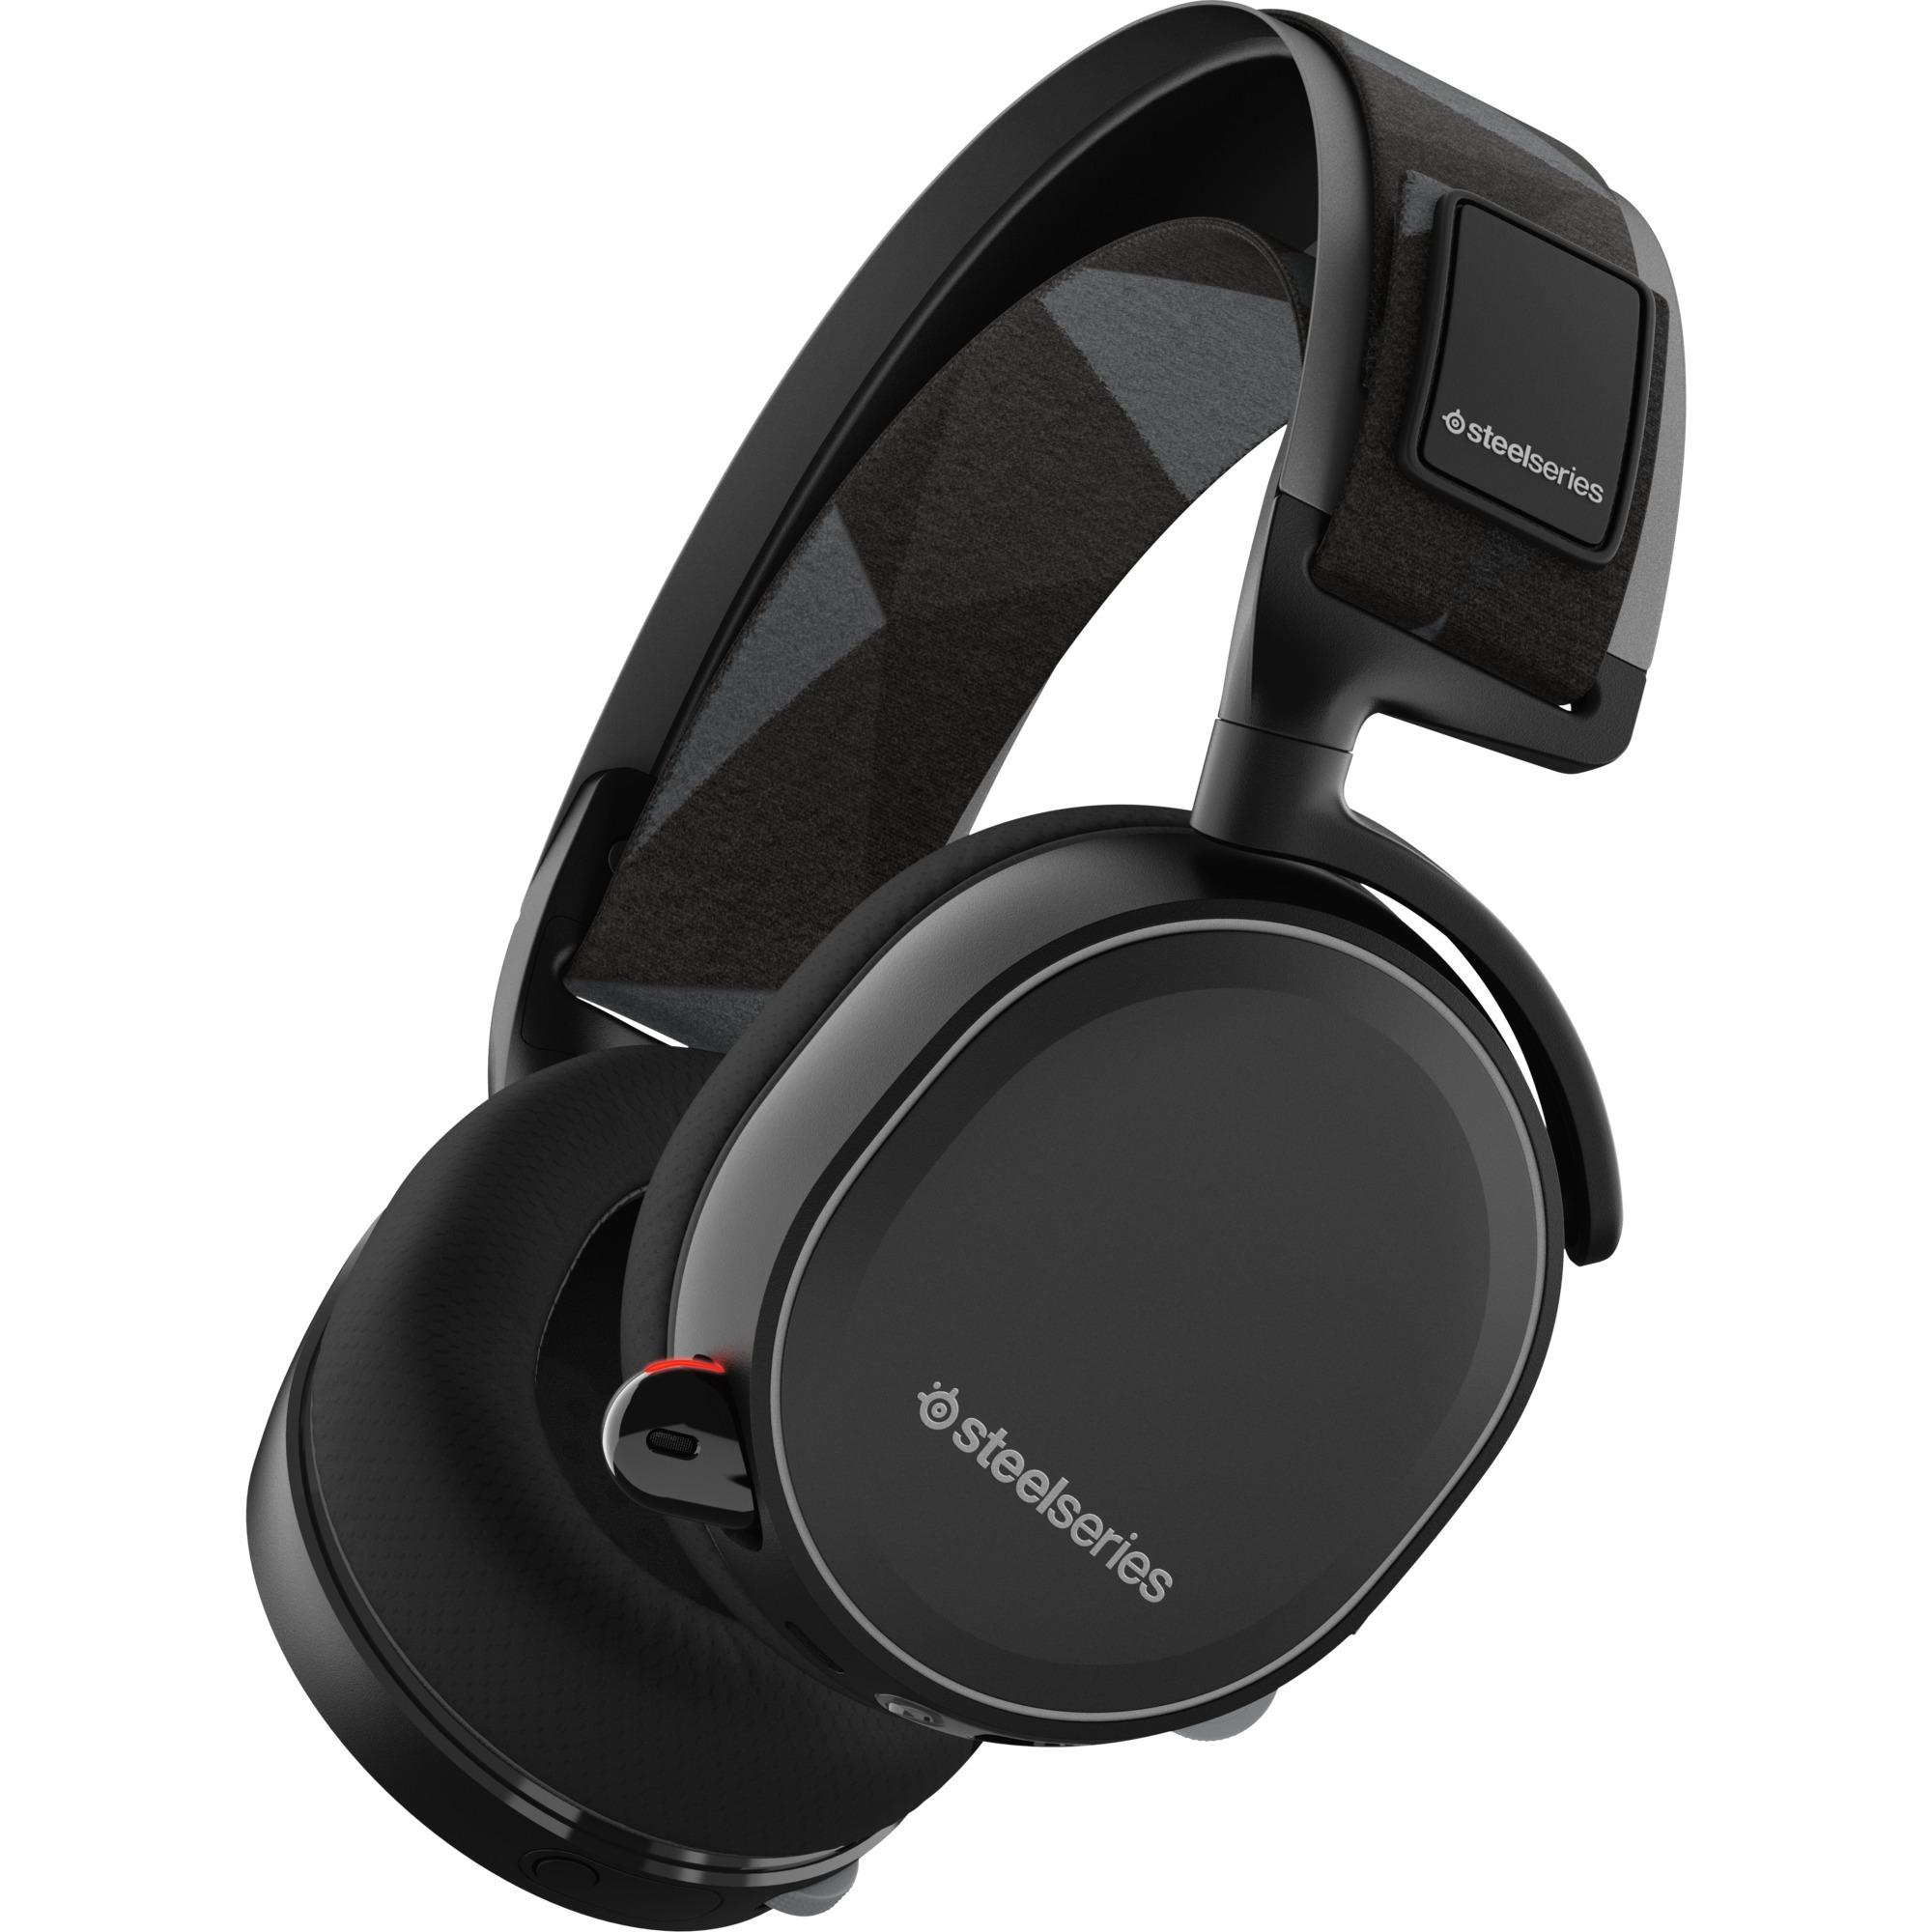 Arctis 7 Binaurale Diadema Negro auricular con micrófono, Auriculares con micrófono